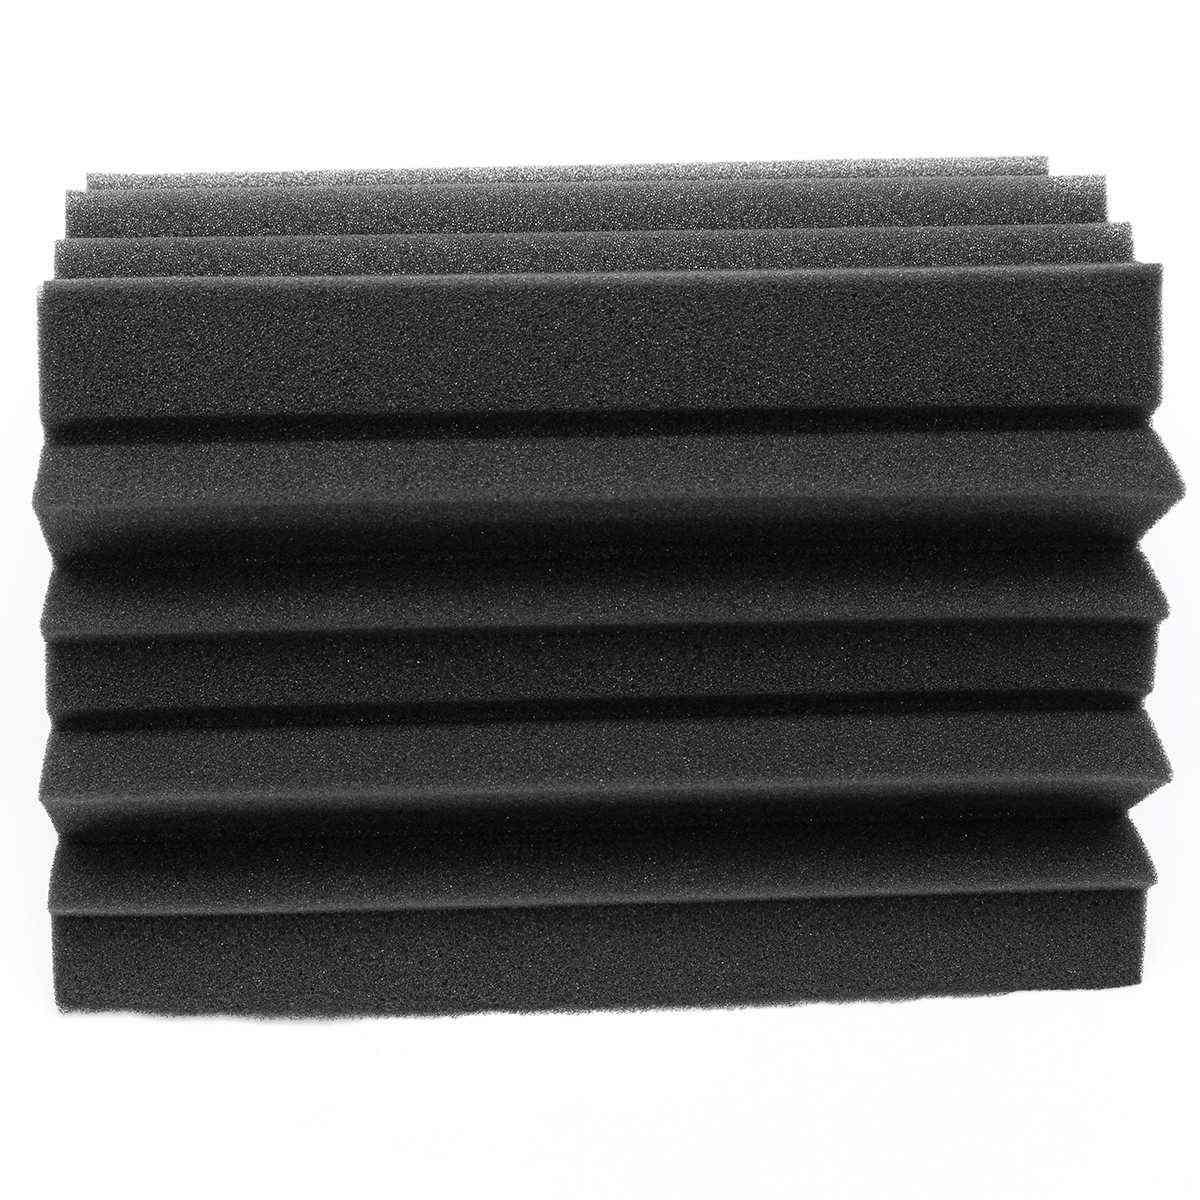 8pcs Soundproofing Acoustic Noise Sound Wedge Tiles Polyurethane Foam